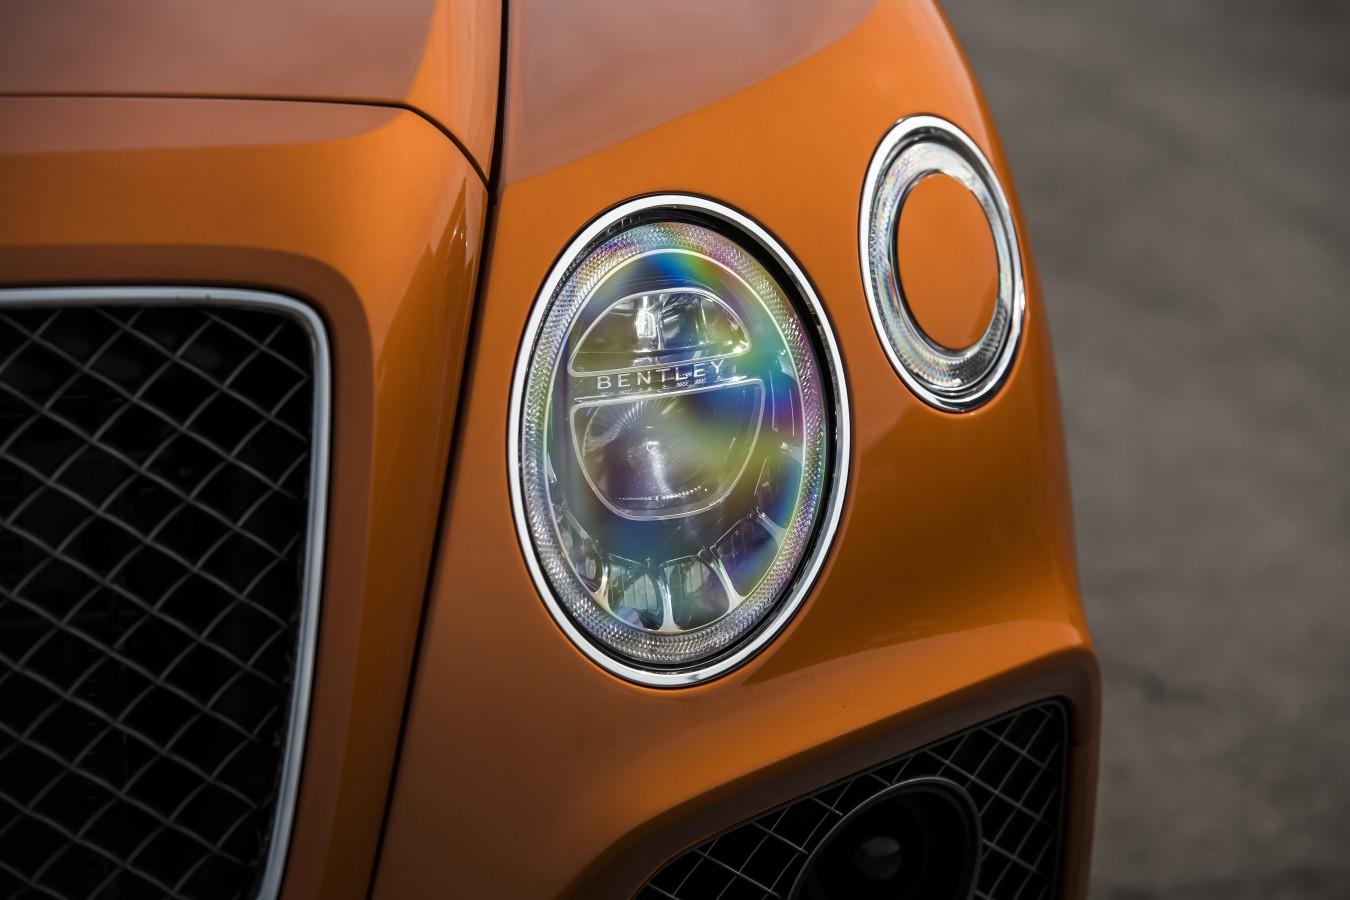 НОВЫЙ BENTLEY BENTAYGA SPEED - изображение Bentayga-Speed-15 на Bentleymoscow.ru!